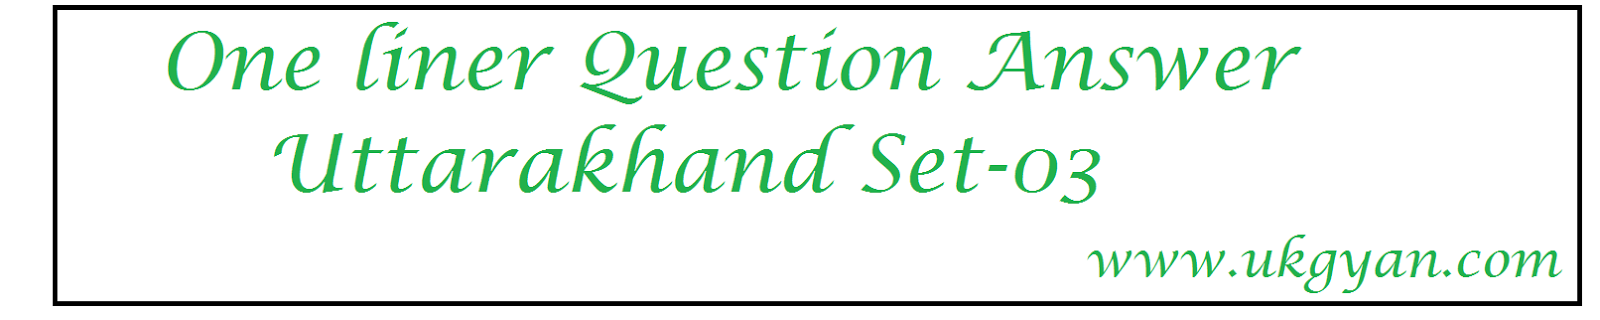 question answer uttarakhand